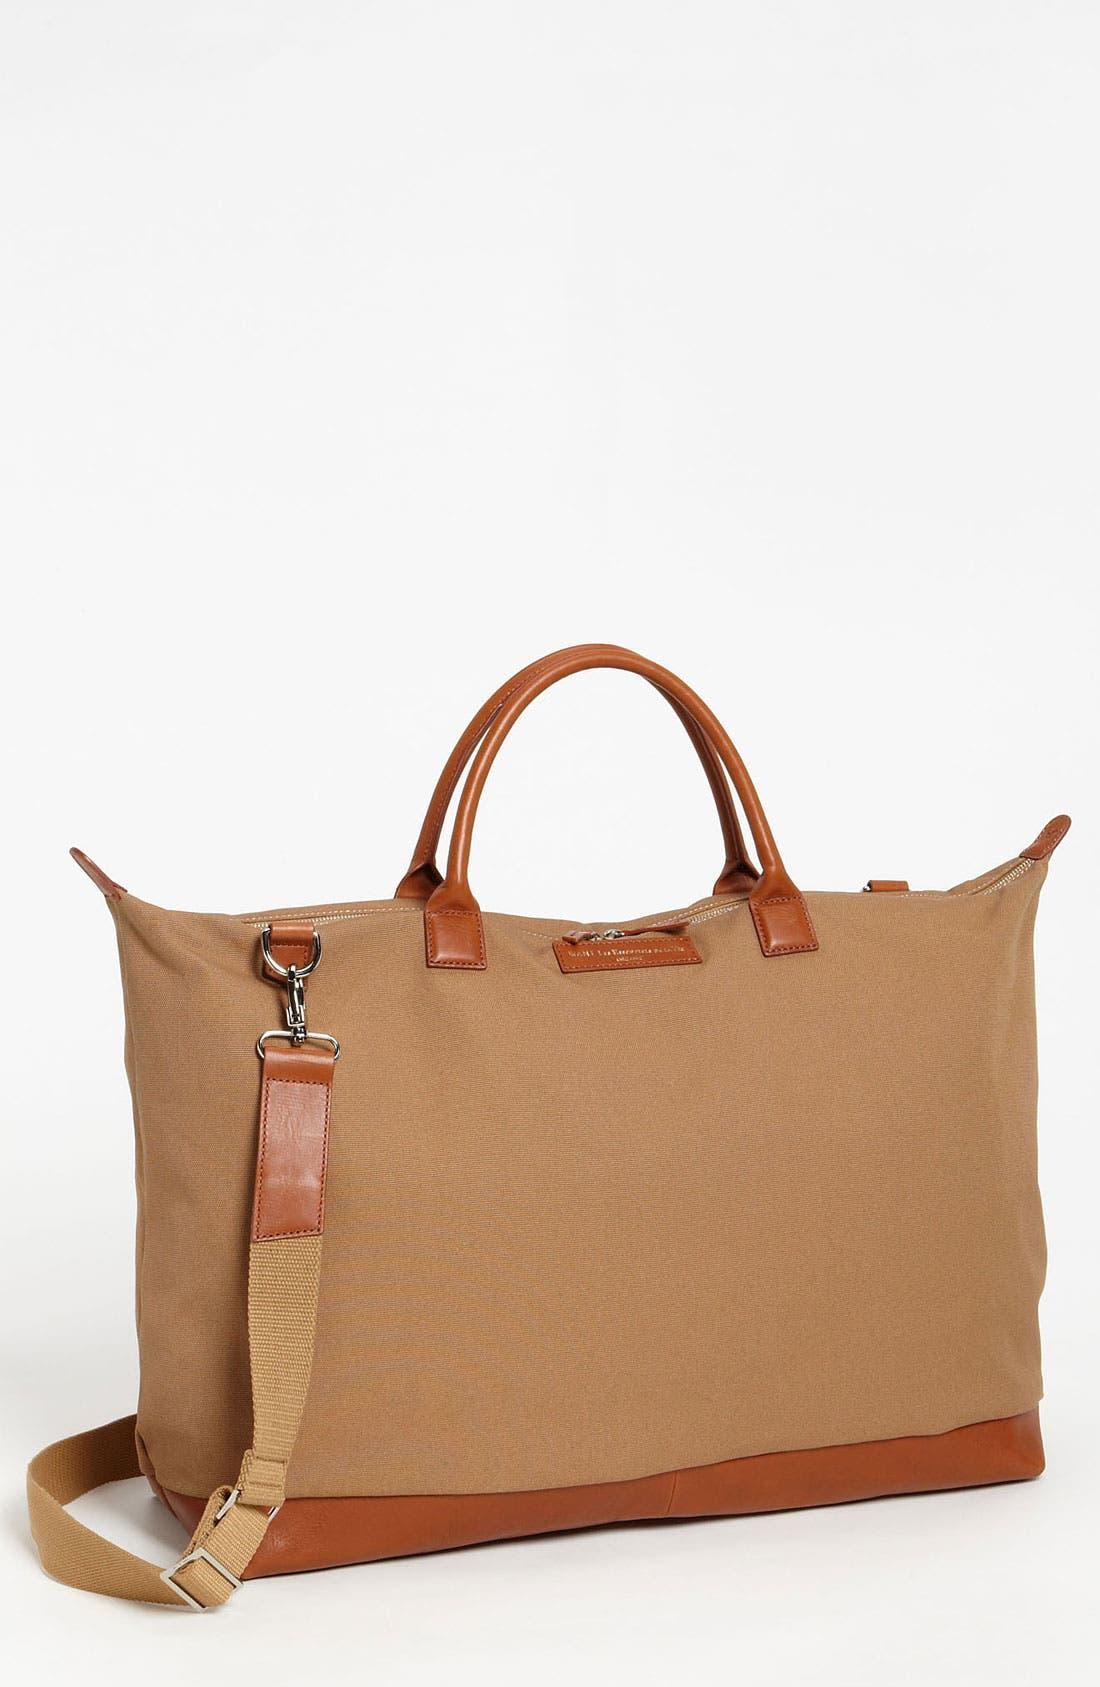 Main Image - WANT Les Essentiels de la Vie 'Hartsfield' Travel Tote Bag